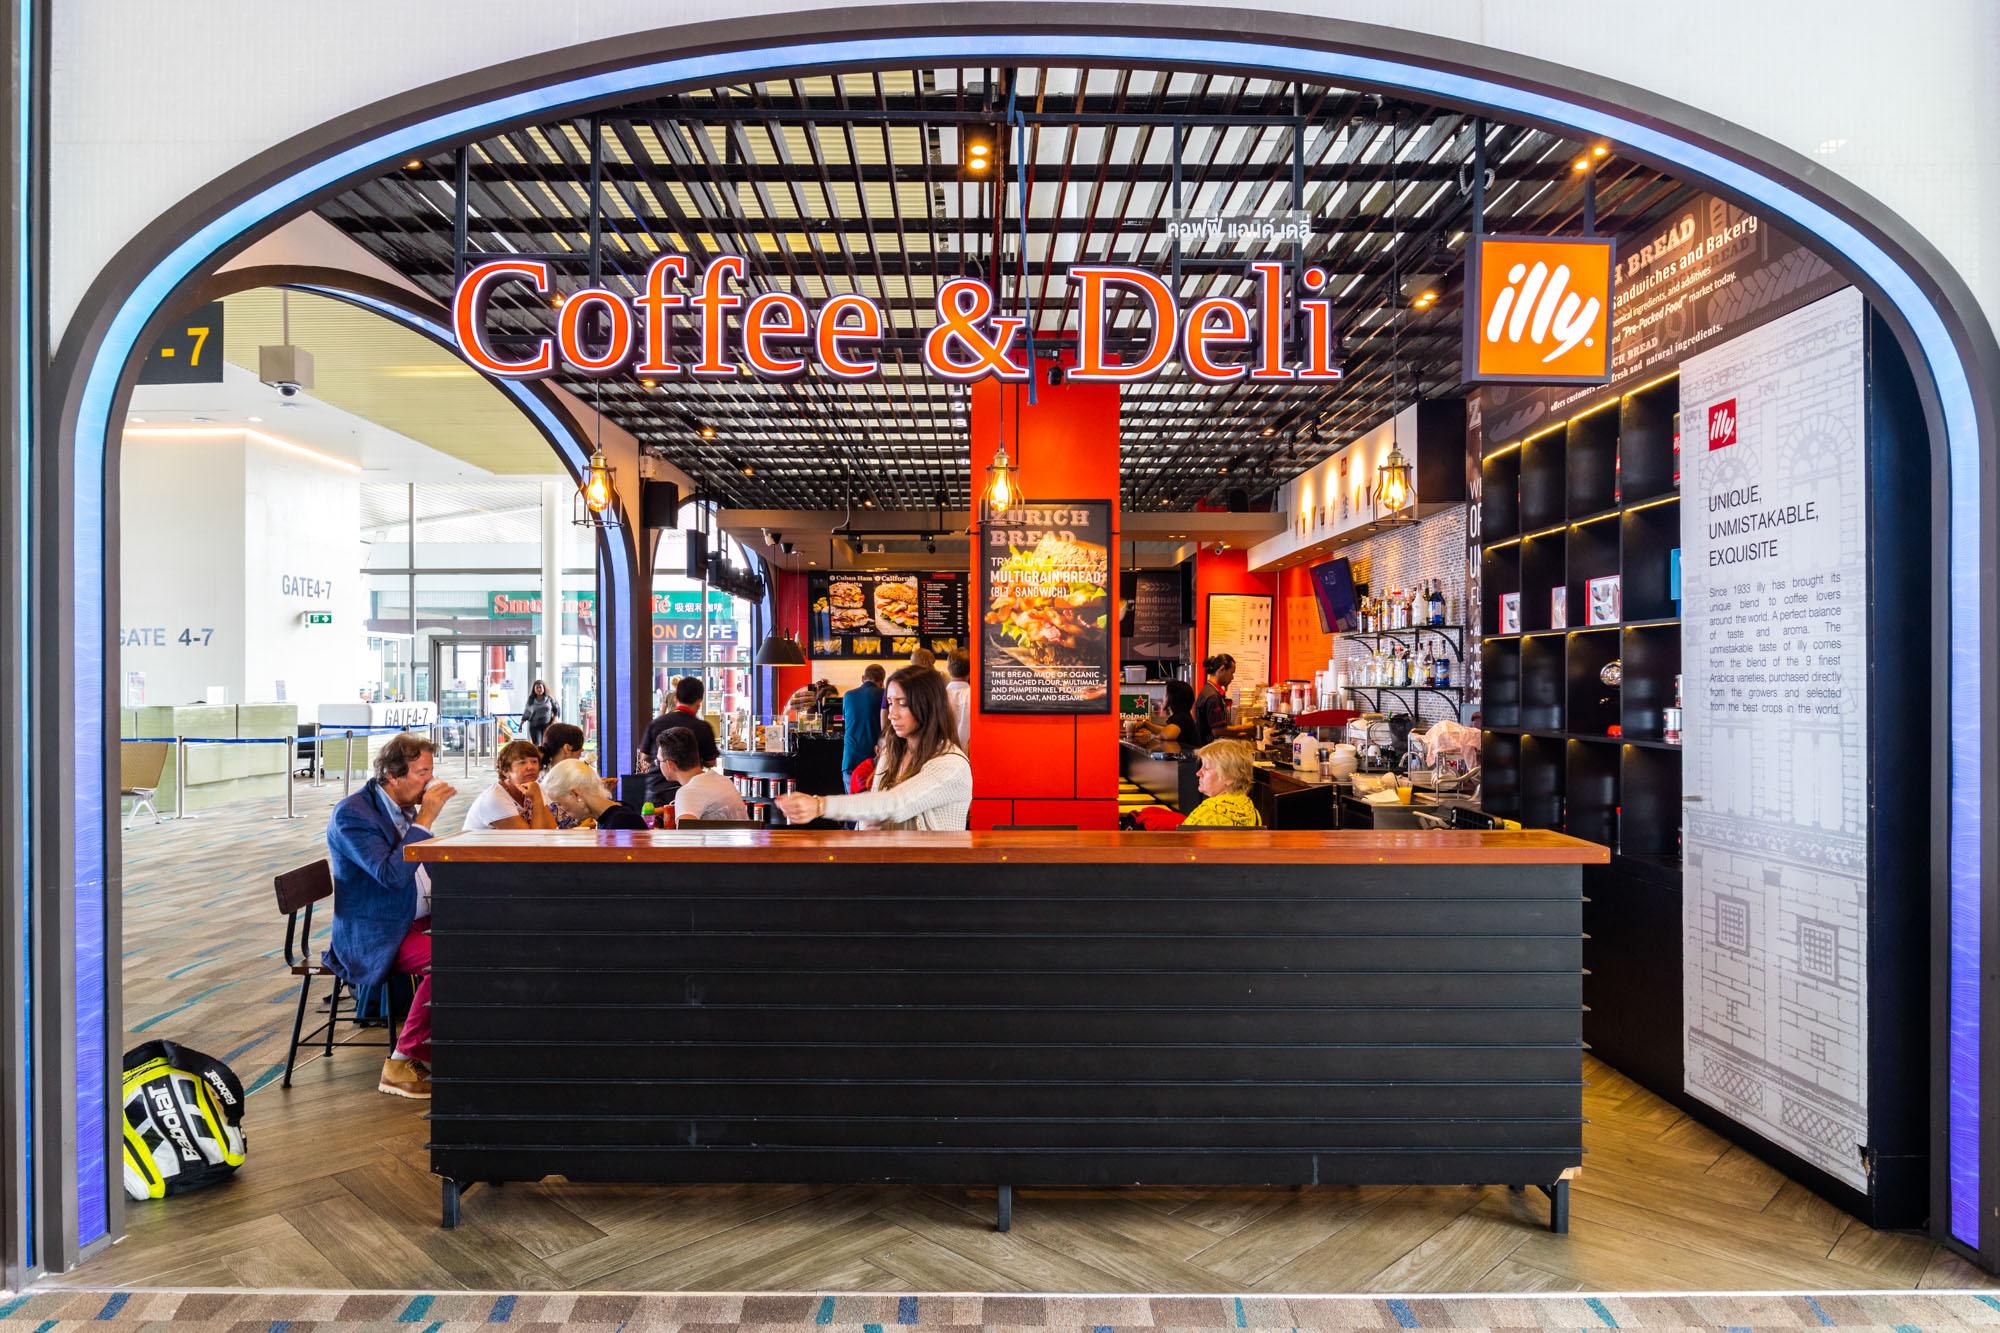 Coffee & Deli  ร้านอาหารแนะนำ ในอาคารผู้โดยสารขาออกระหว่างประเทศ ท่าอากาศยานภูเก็ต IMG 8212